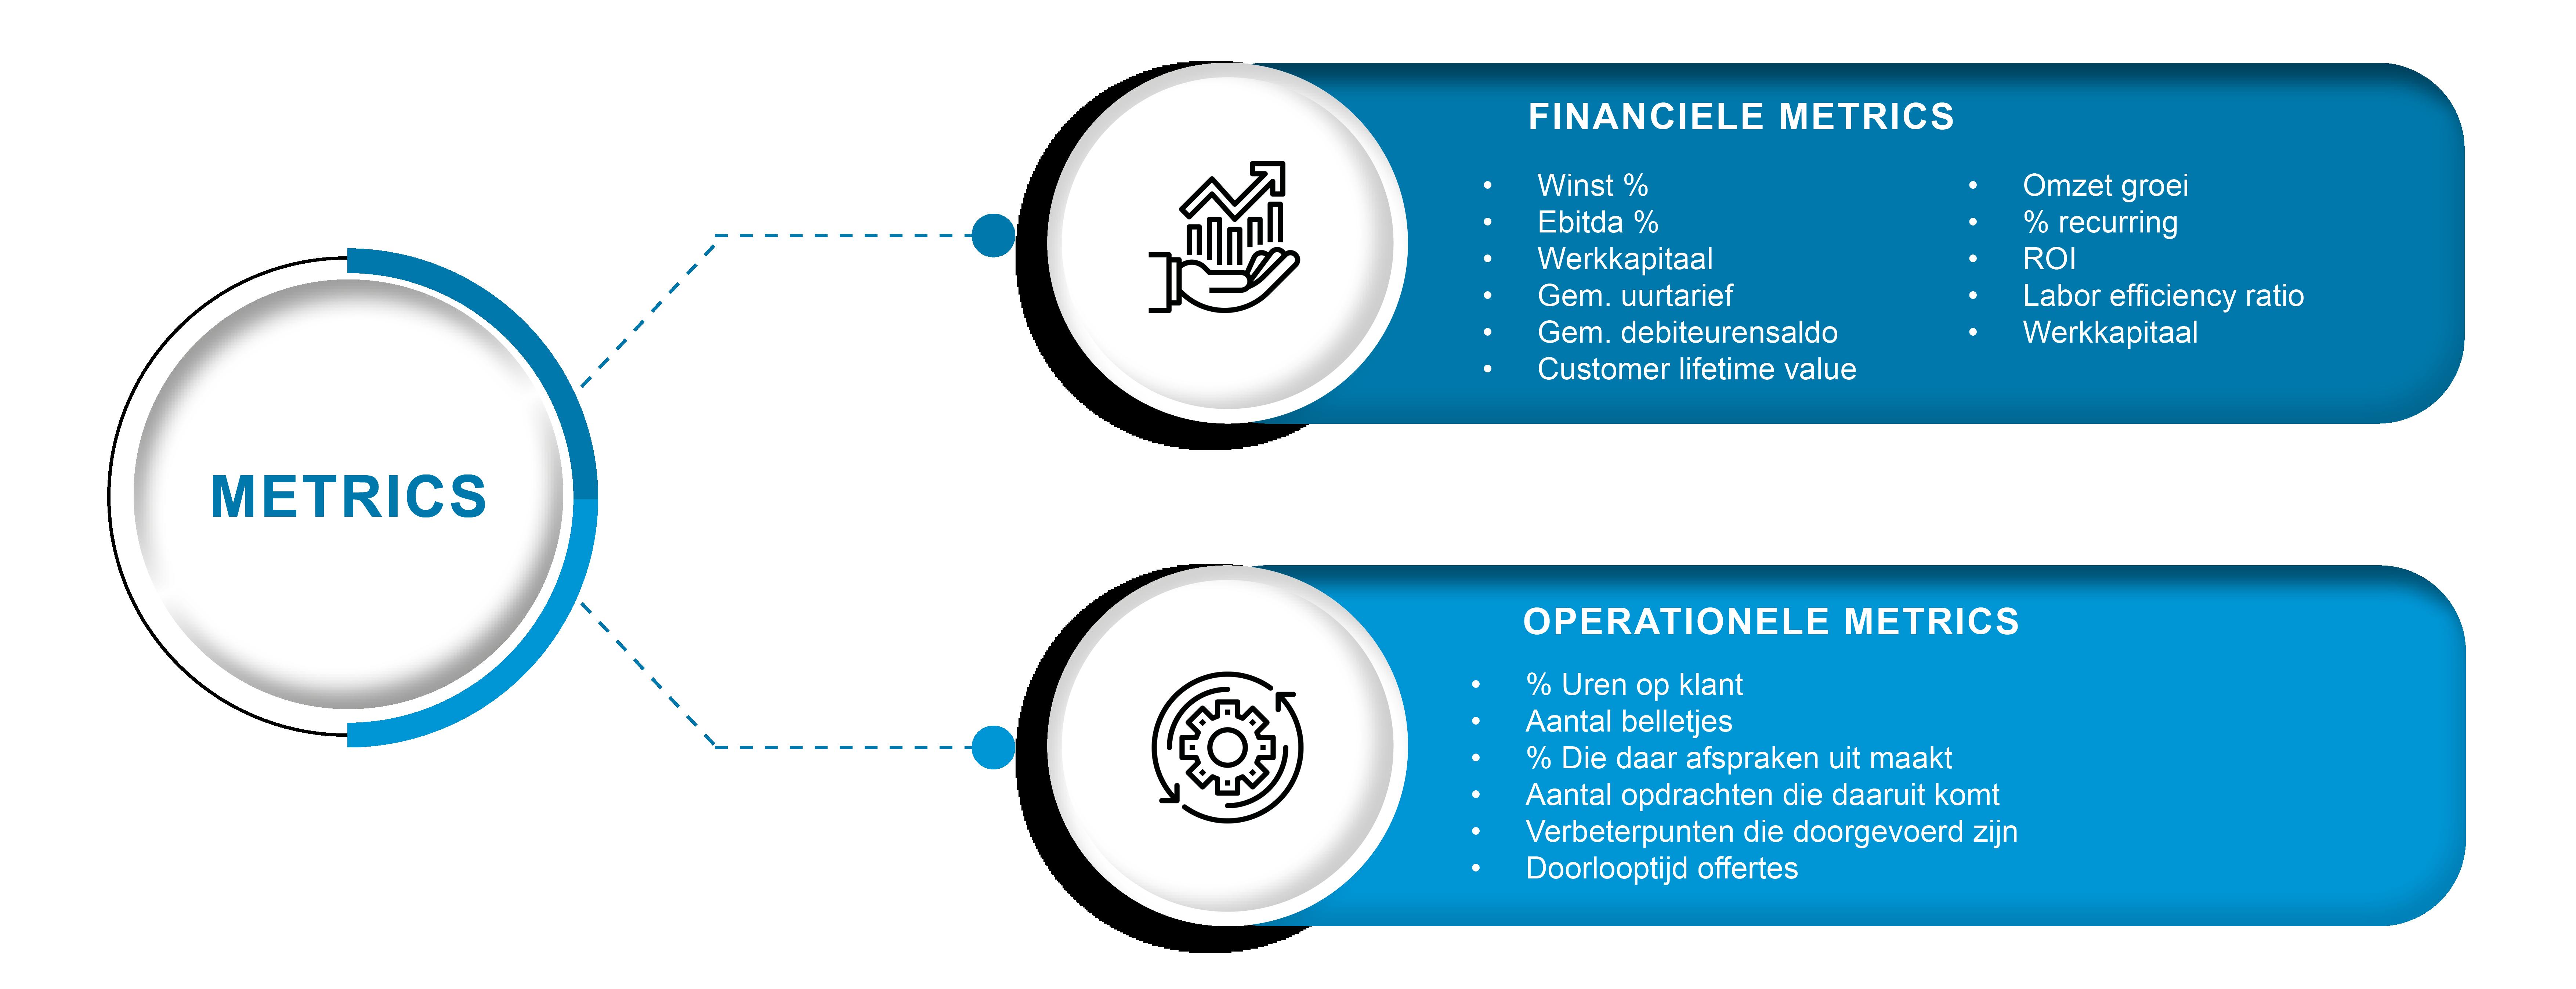 KPI metrics - Olivier Zeestraten